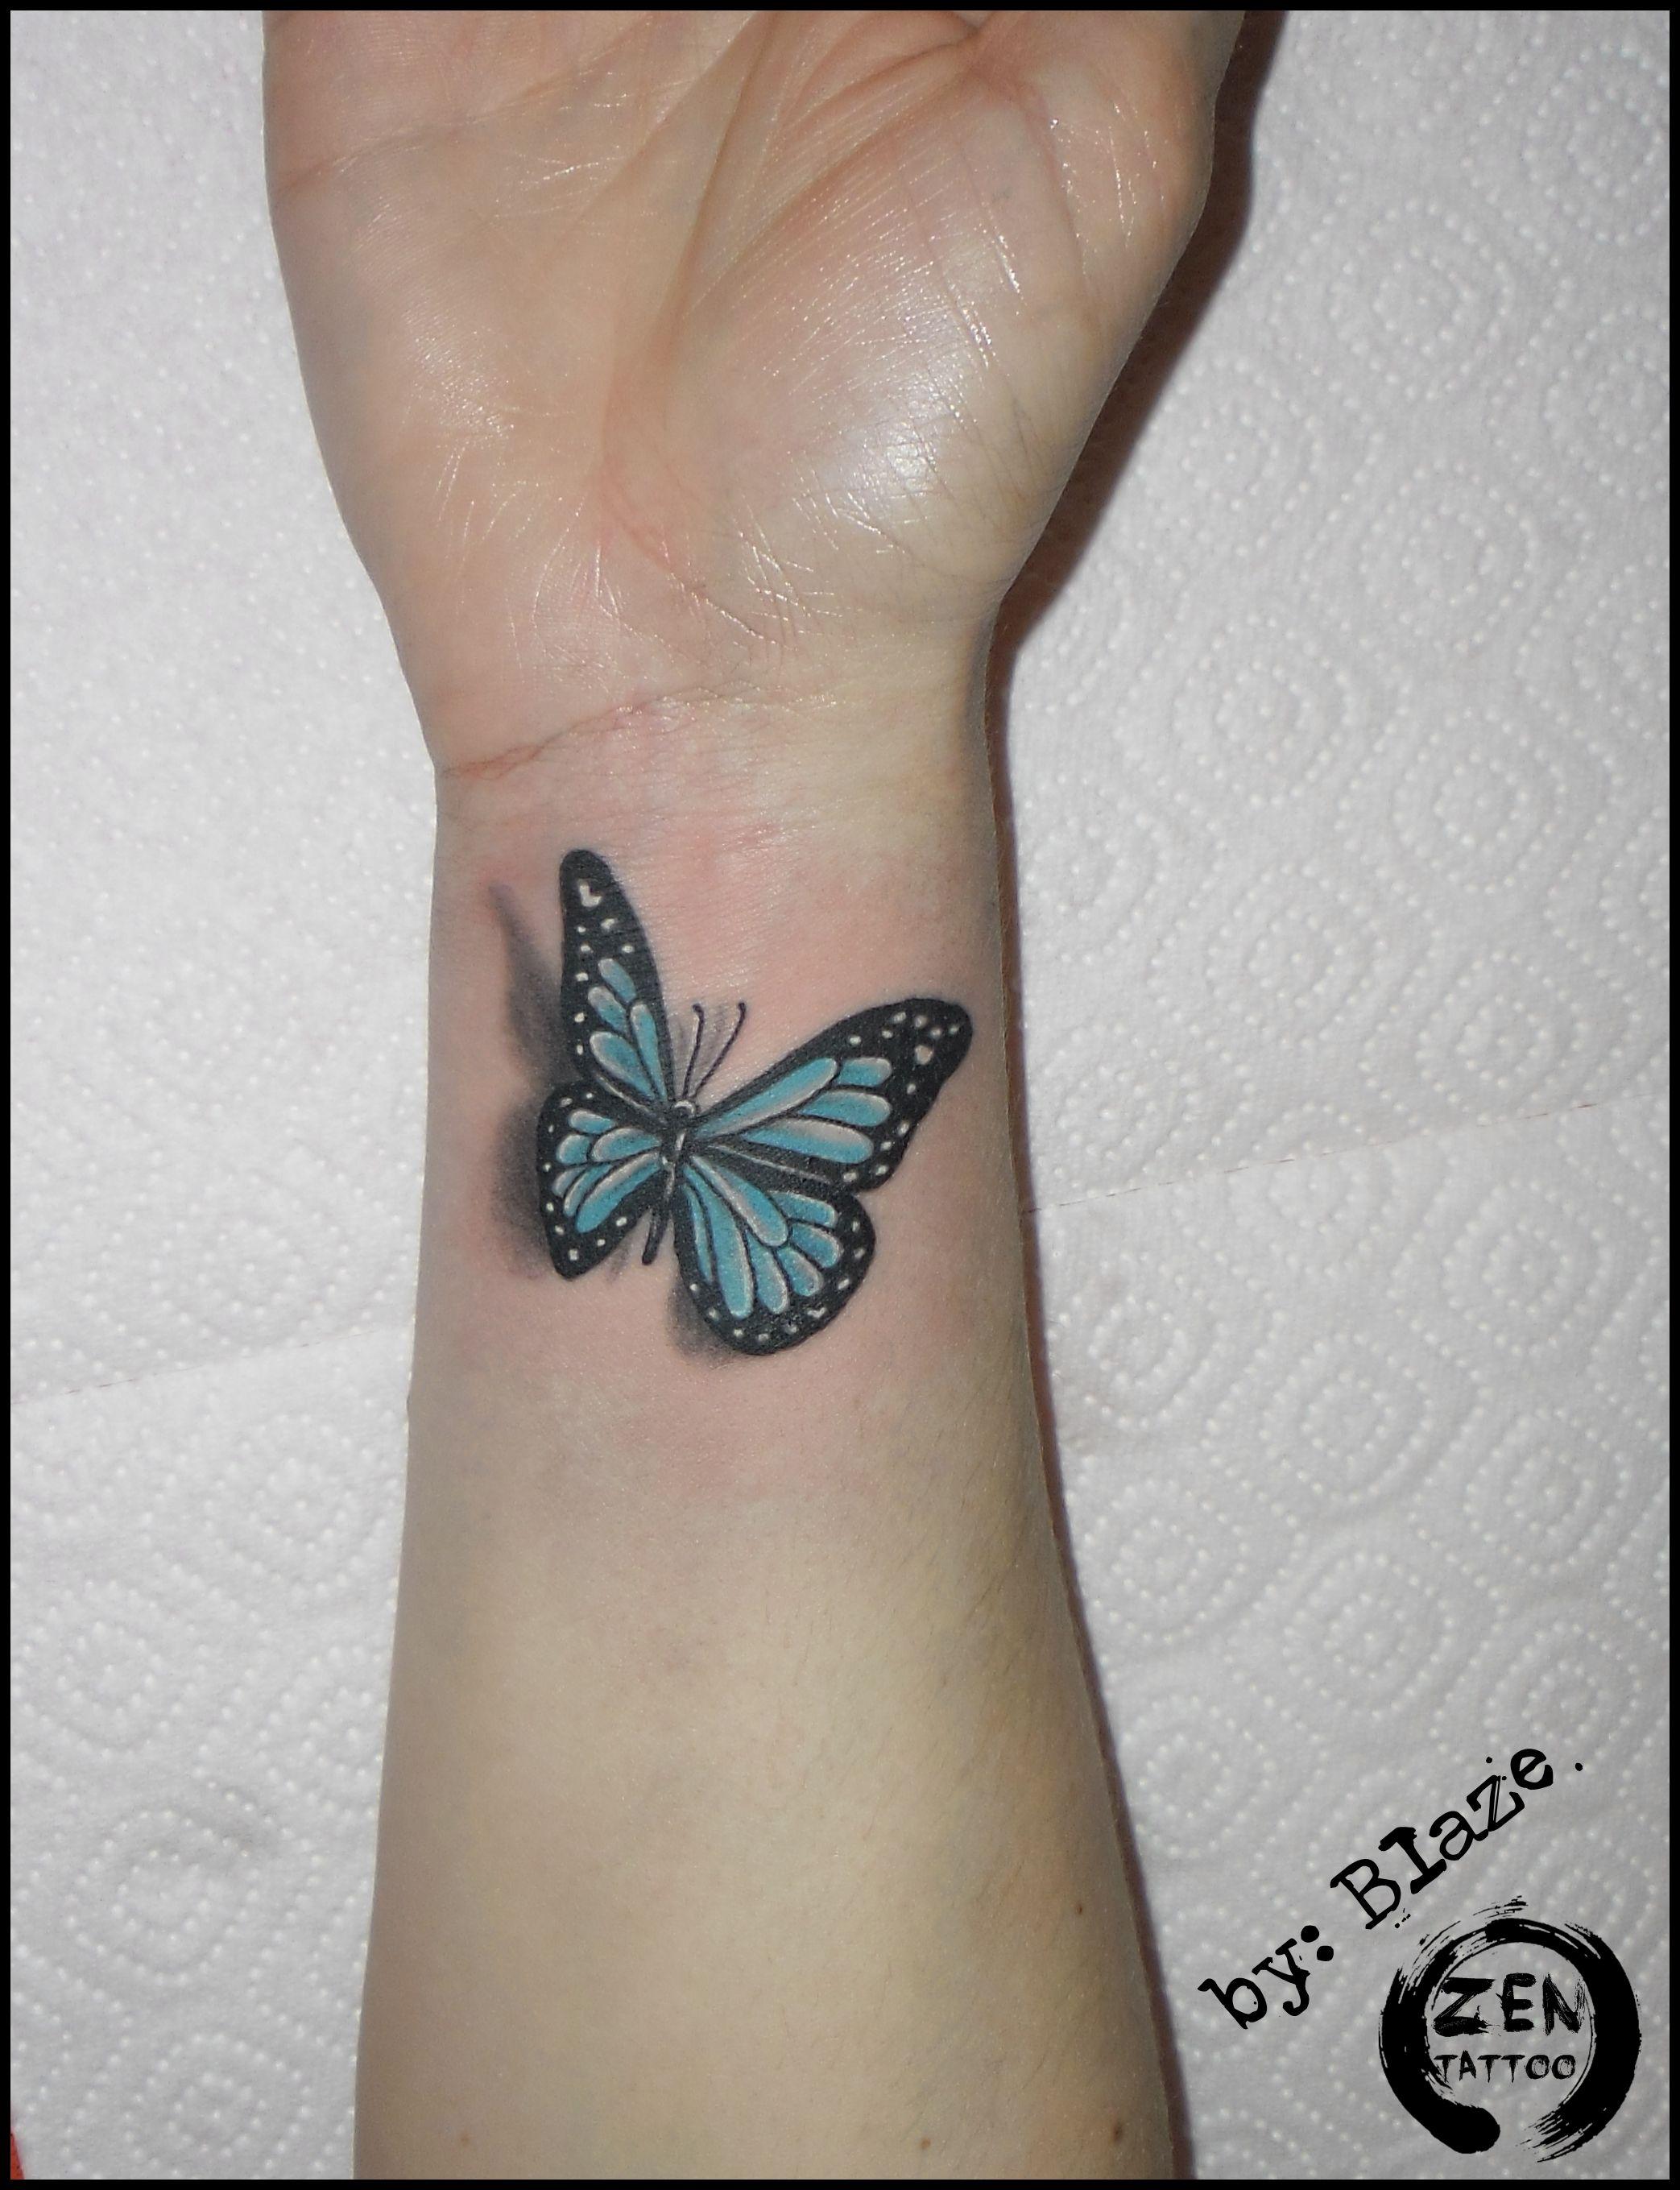 Blue butterfly; tattoo by Blaze